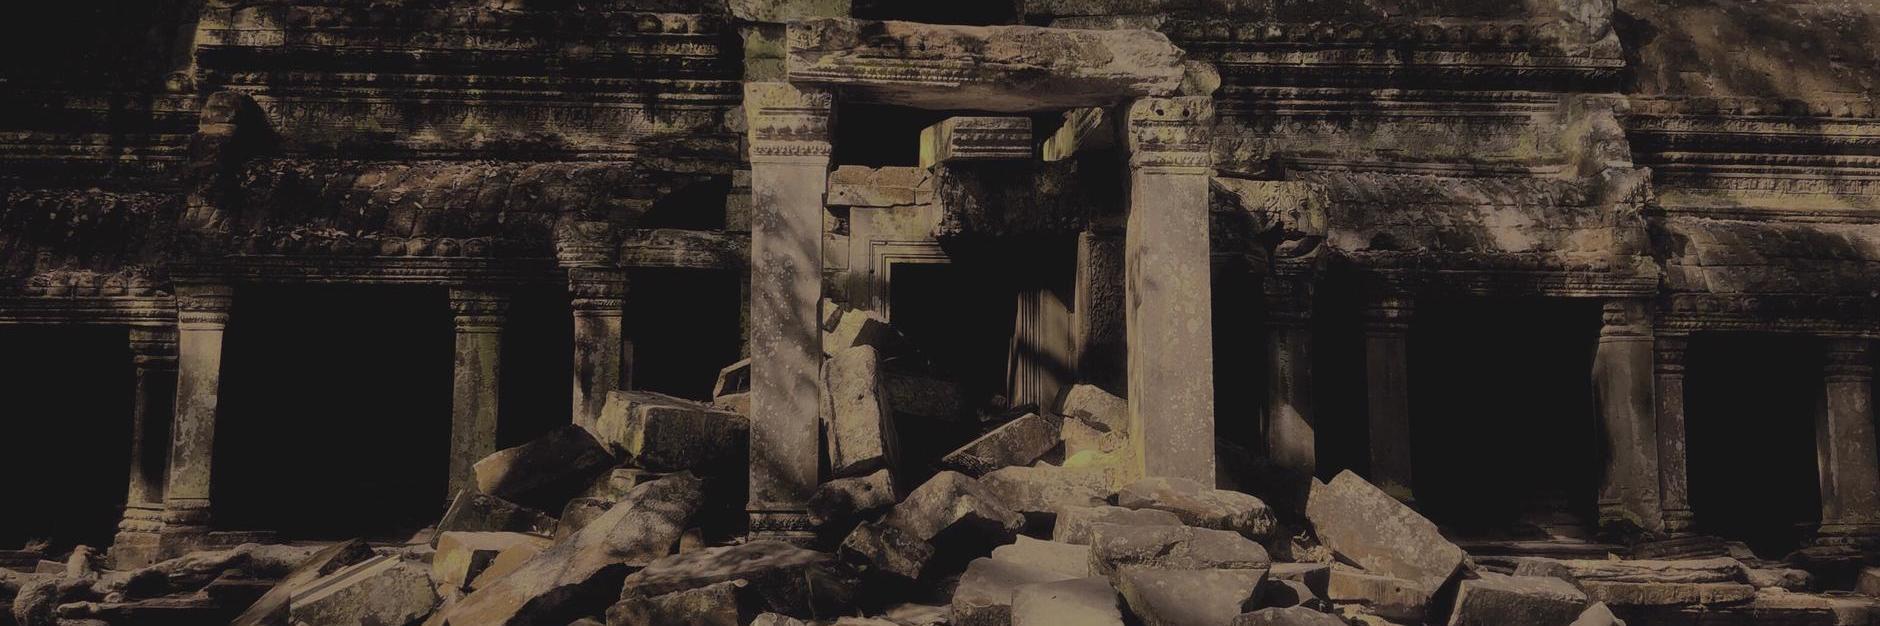 游柬埔寨——体验女神安吉丽娜的《古墓丽影》的取景地!